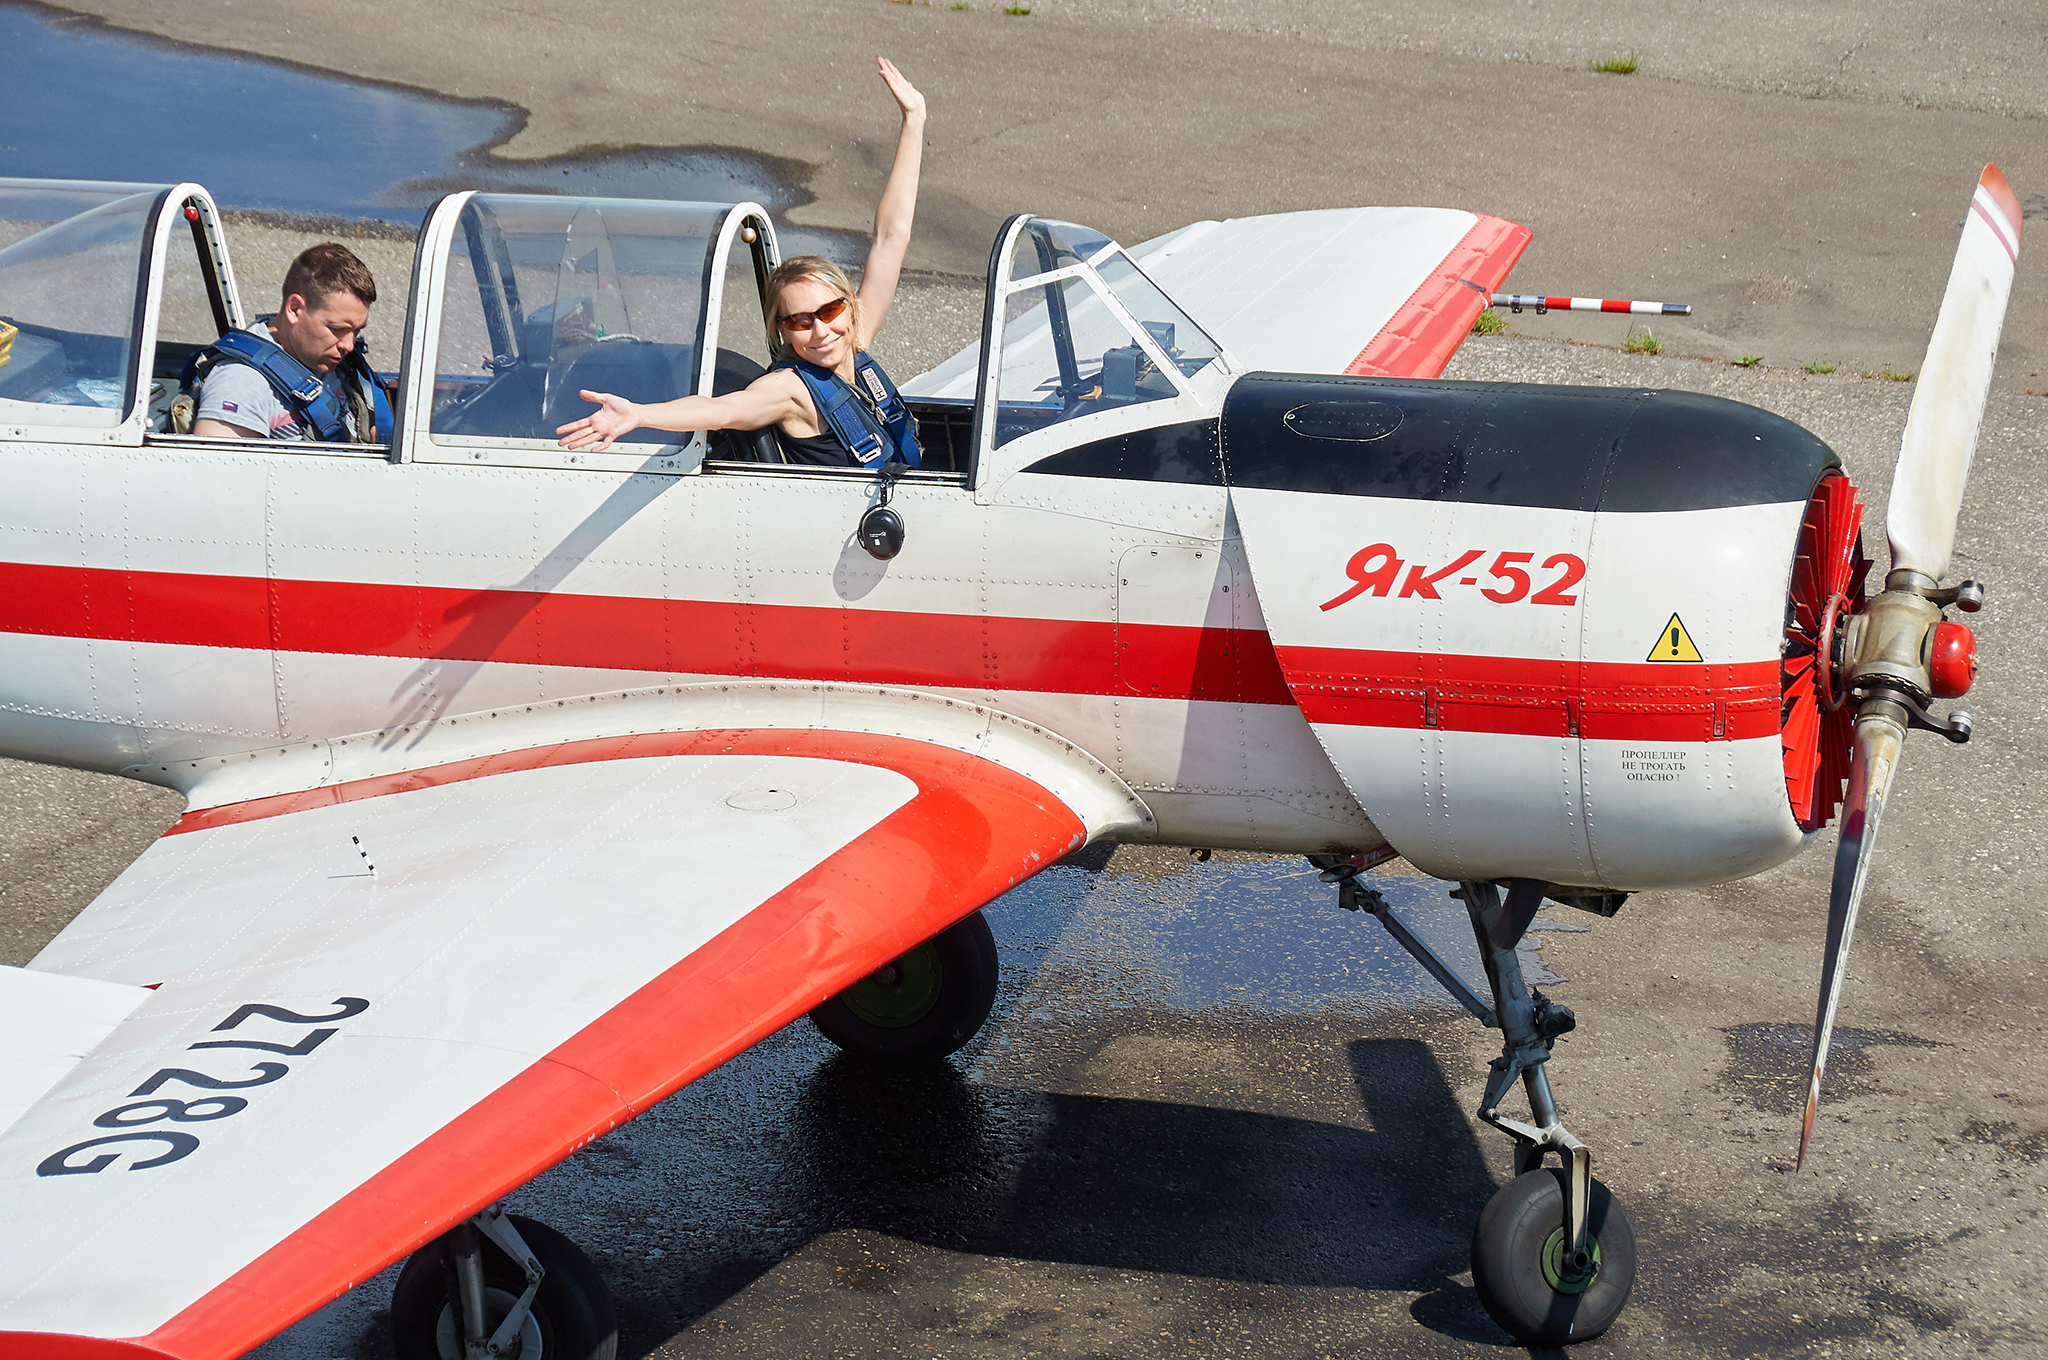 First training flight in the Yak-52 ~ Первый тренировочный полёт на Як-52